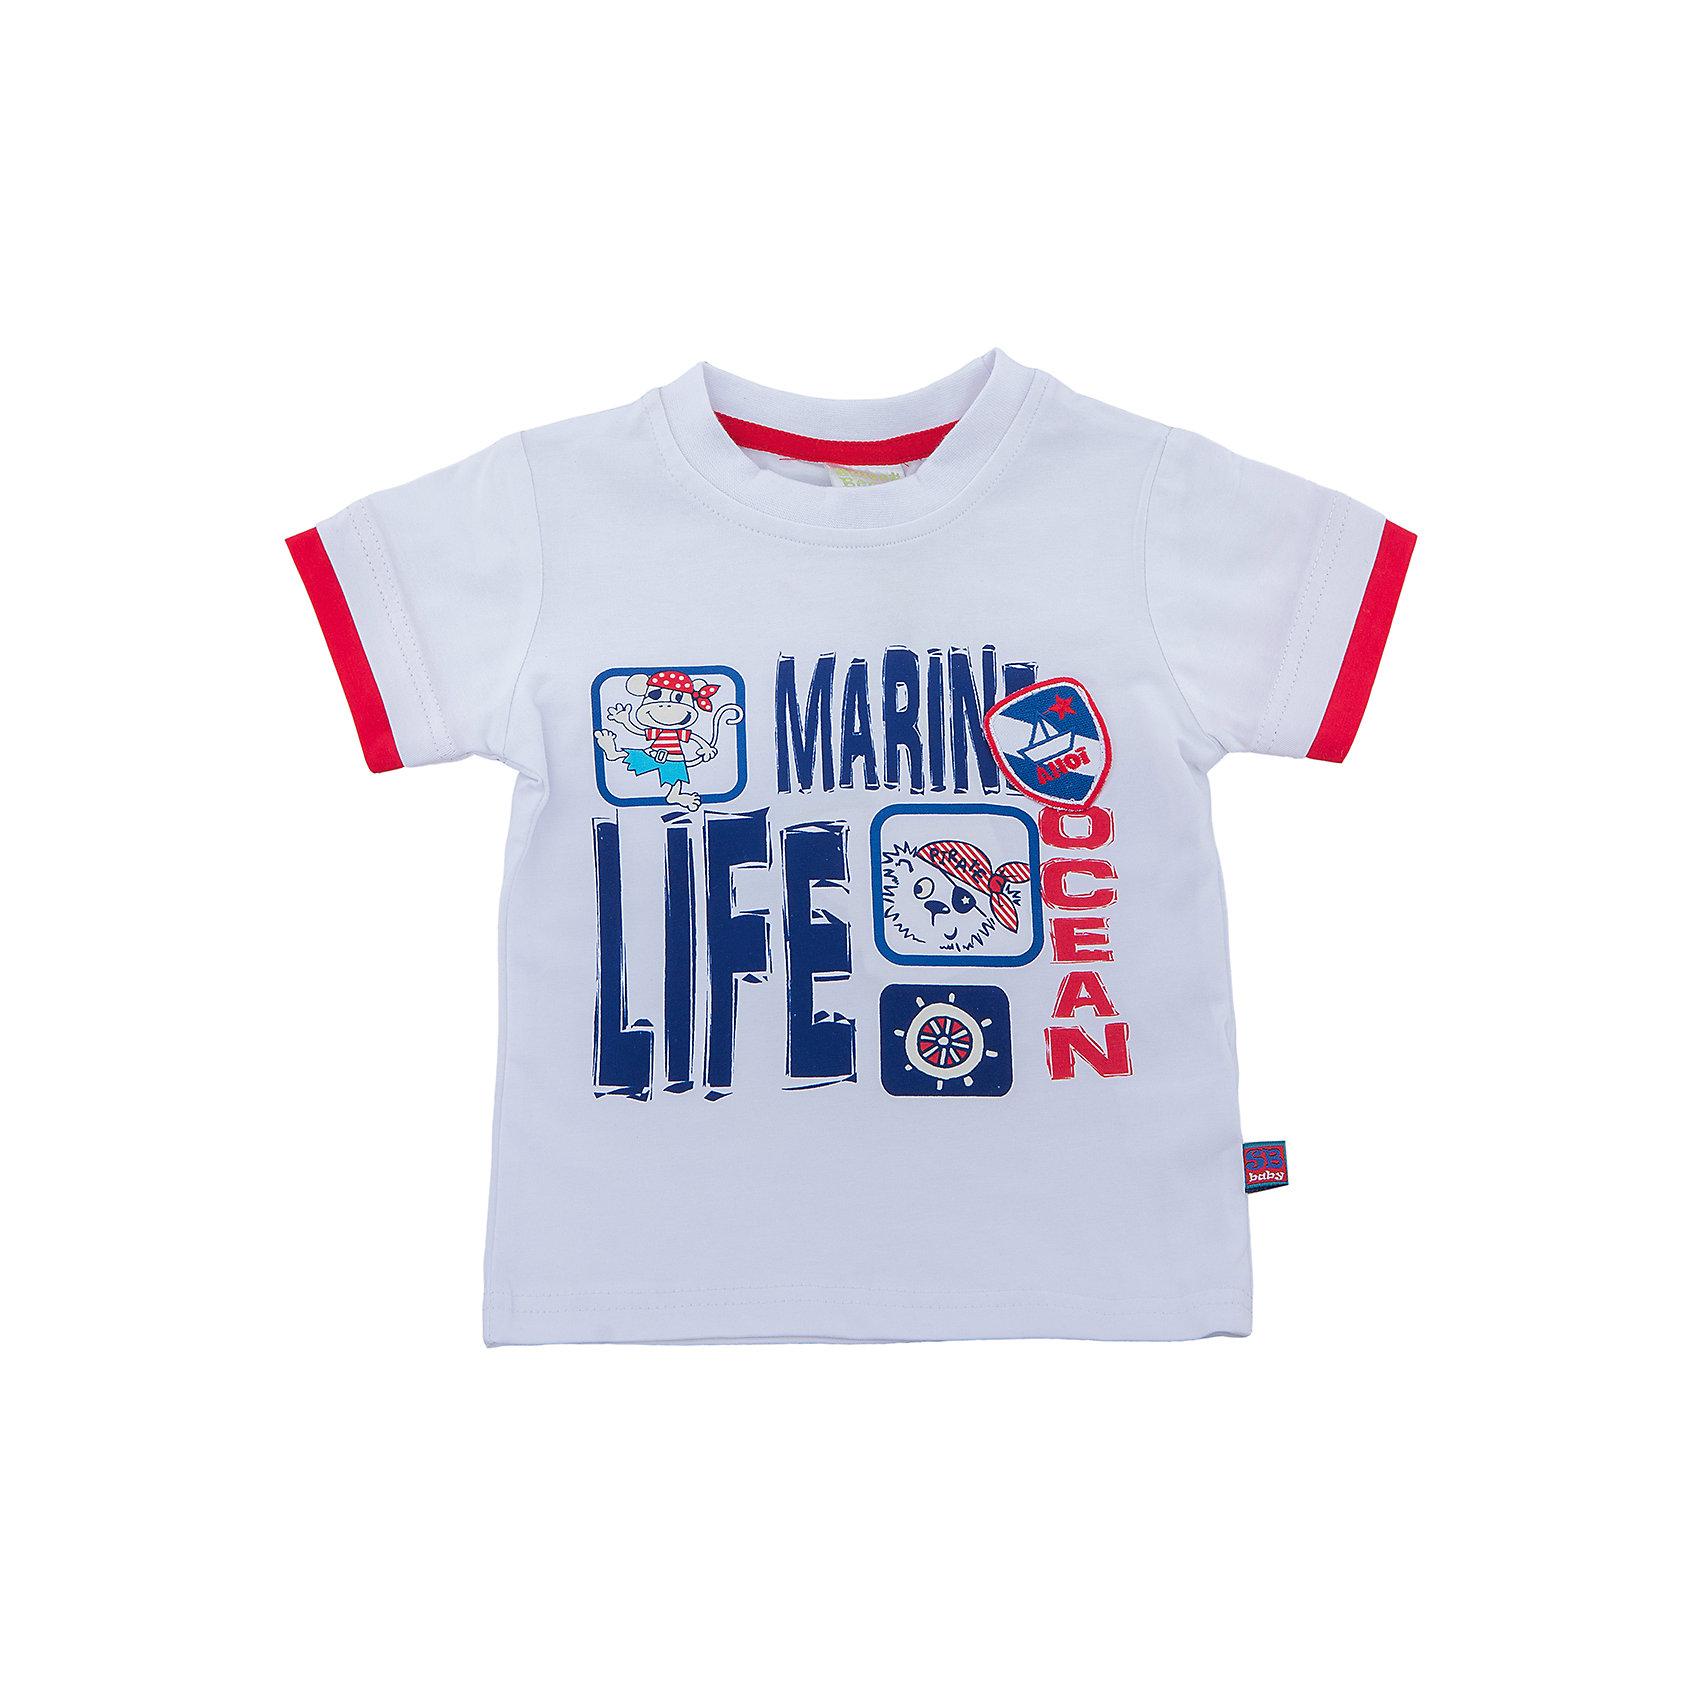 Футболка для мальчика Sweet BerryФутболки, топы<br>Классическая белая футболка со стилизованным модным принтом и декоративной нашивкой. Рукава с двойным кантом контрастного цвета.<br>Состав:<br>95%хлопок 5%эластан<br><br>Ширина мм: 199<br>Глубина мм: 10<br>Высота мм: 161<br>Вес г: 151<br>Цвет: белый<br>Возраст от месяцев: 12<br>Возраст до месяцев: 15<br>Пол: Мужской<br>Возраст: Детский<br>Размер: 80,86,92,98<br>SKU: 5411745